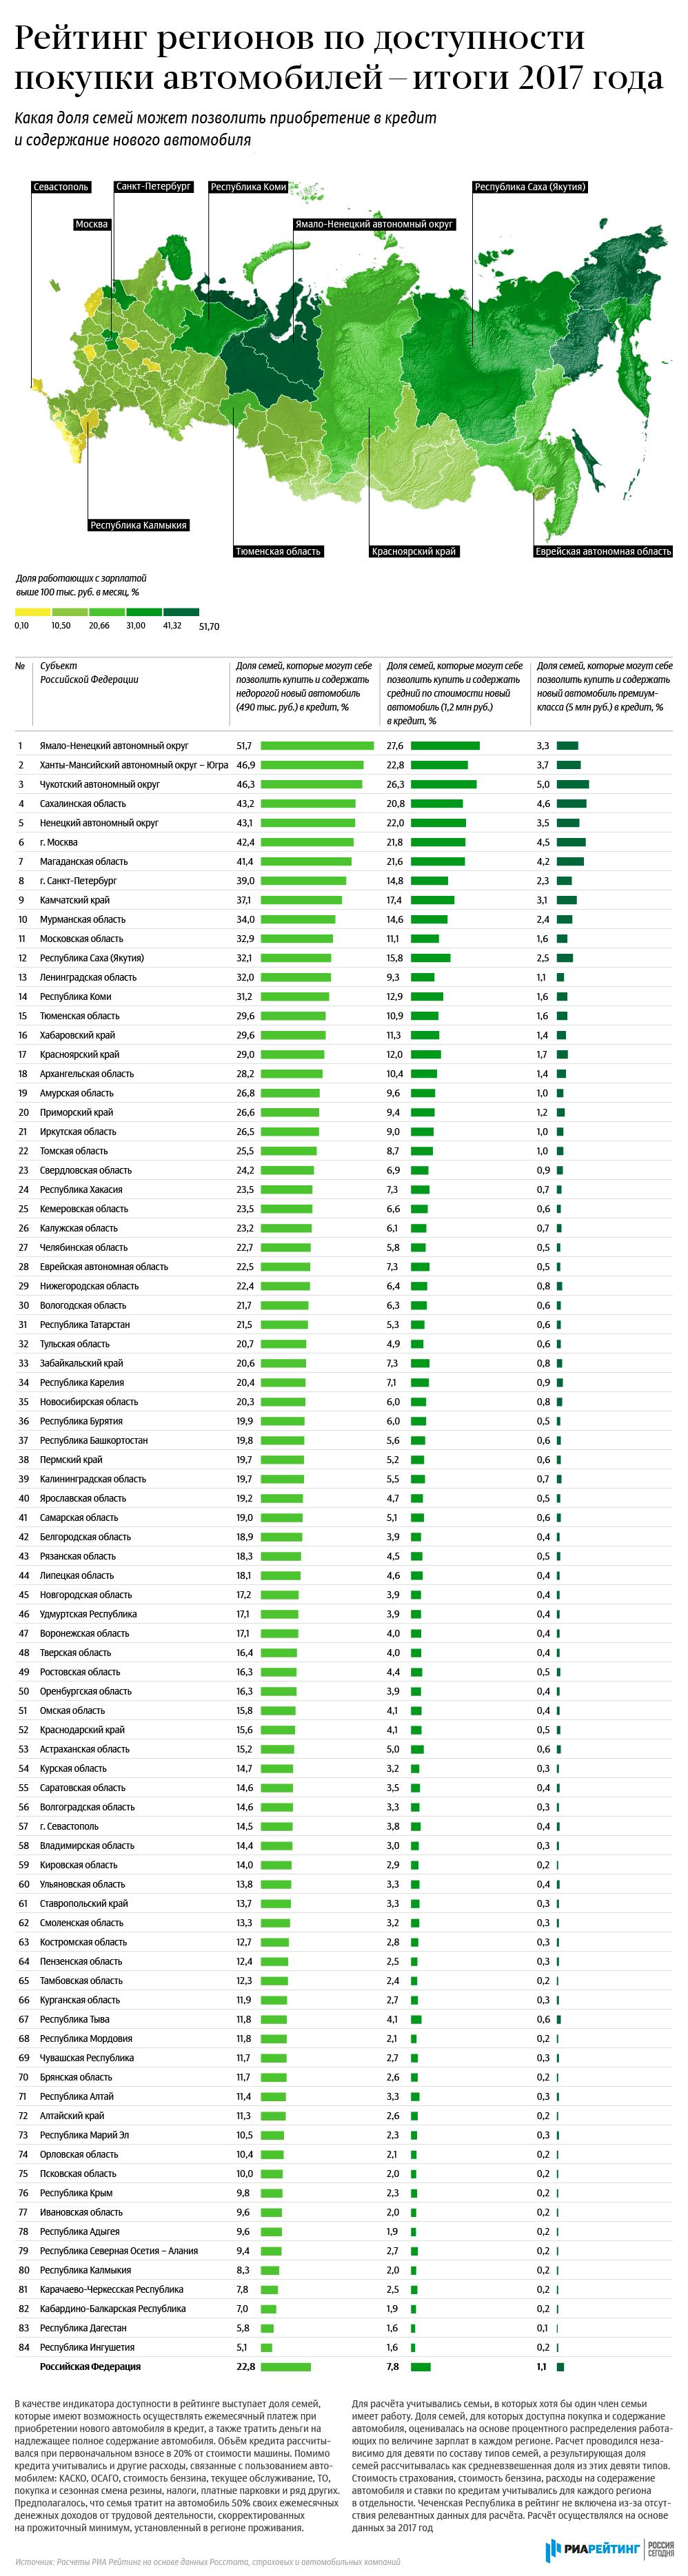 Рейтинг регионов по доступности покупки нового автомобиля